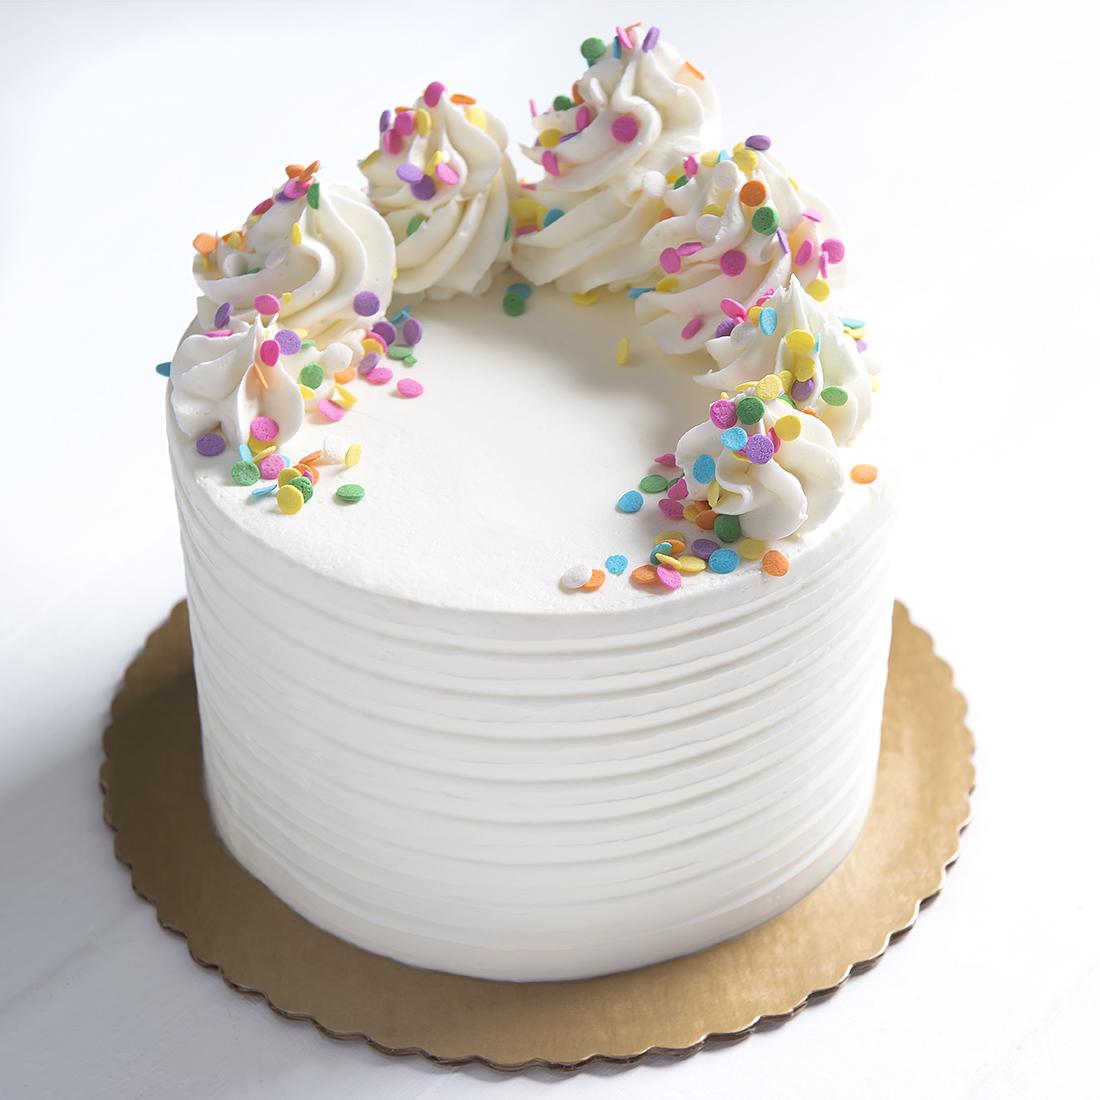 Confetti - Confetti cake, vanilla buttercream & sprinkle filling, vanilla buttercream frosting6